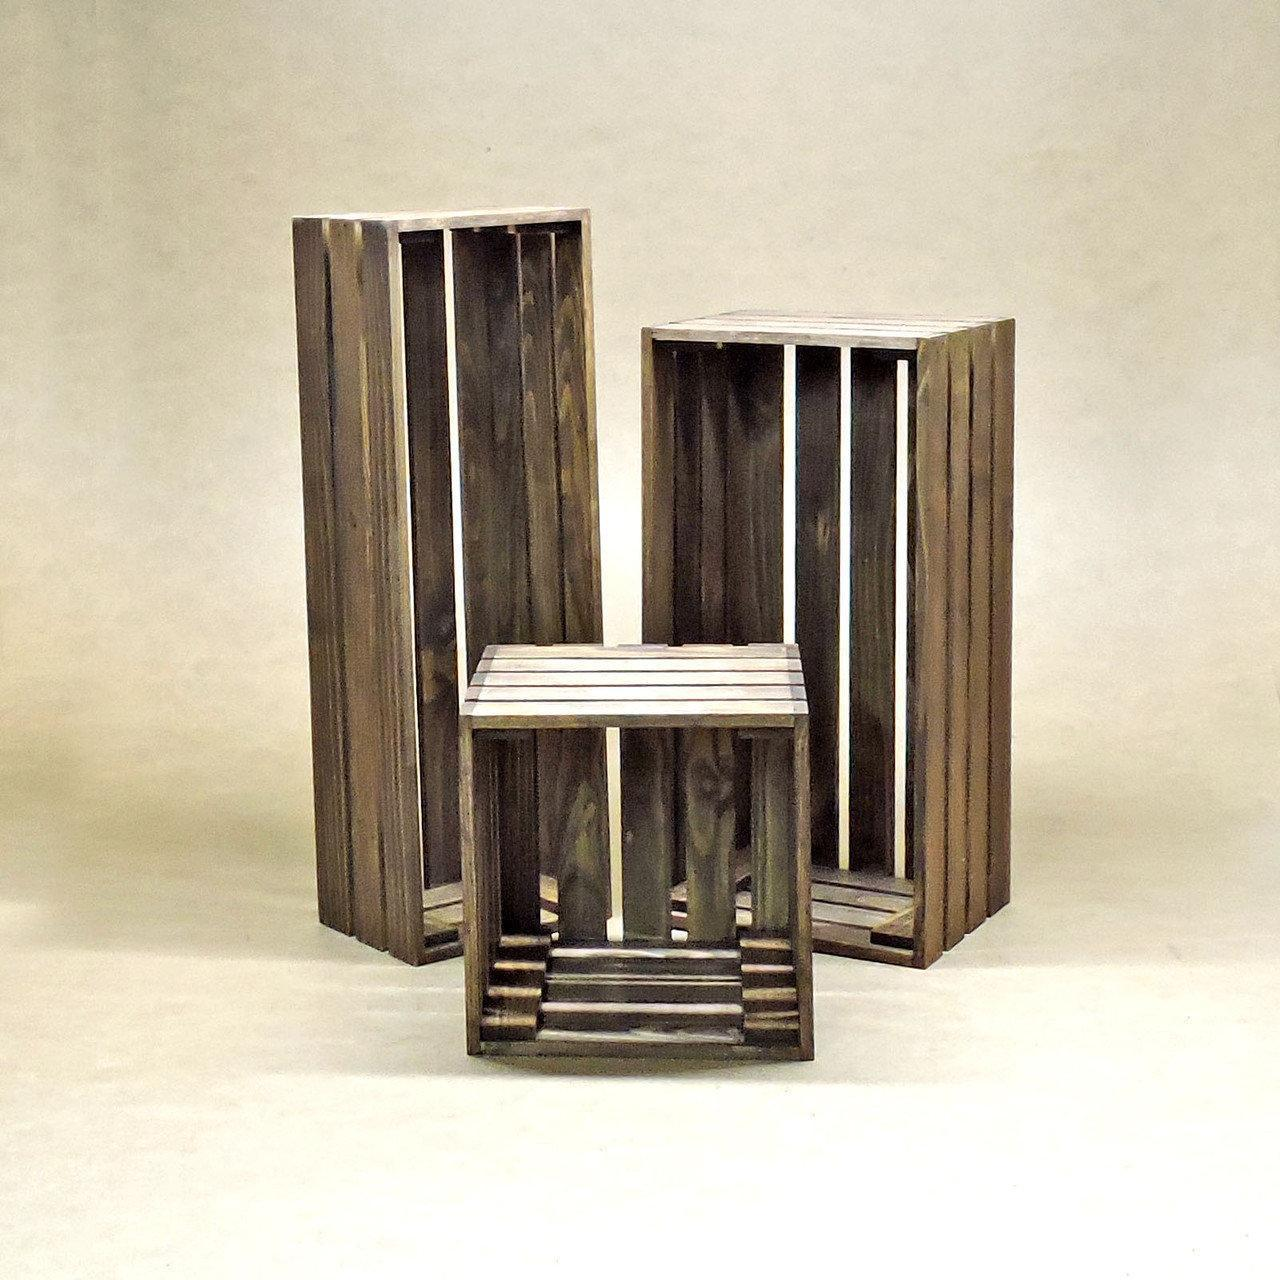 Ящик для хранения Торонто В40хД40хШ40см